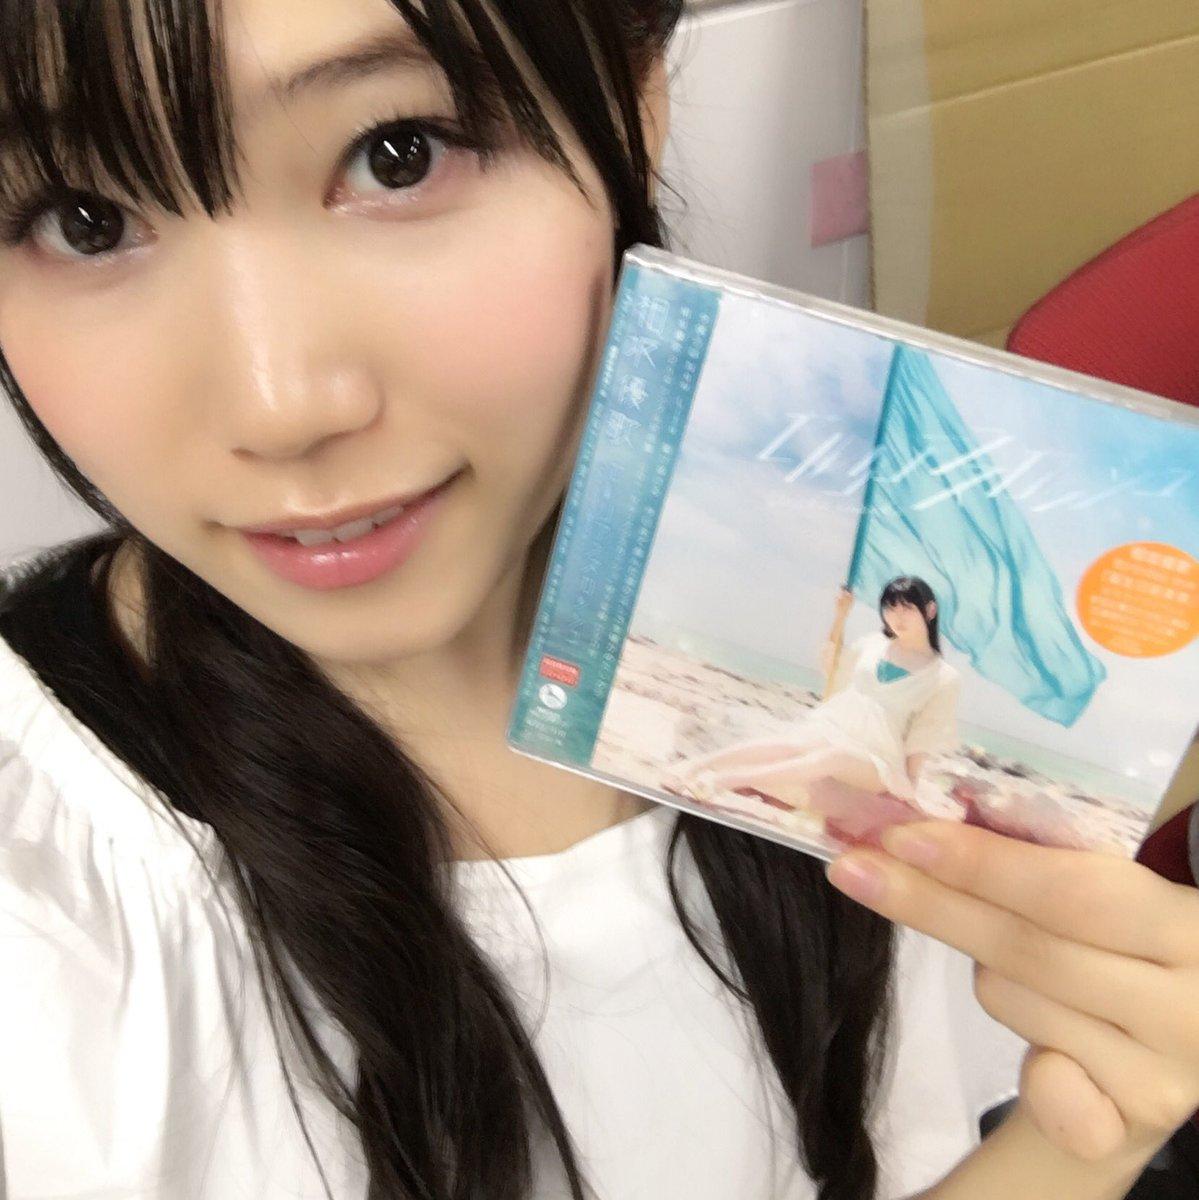 相坂優歌2ndシングル「セルリアンスカッシュ」本日発売٩(๑•̀ω•́๑)۶!!!